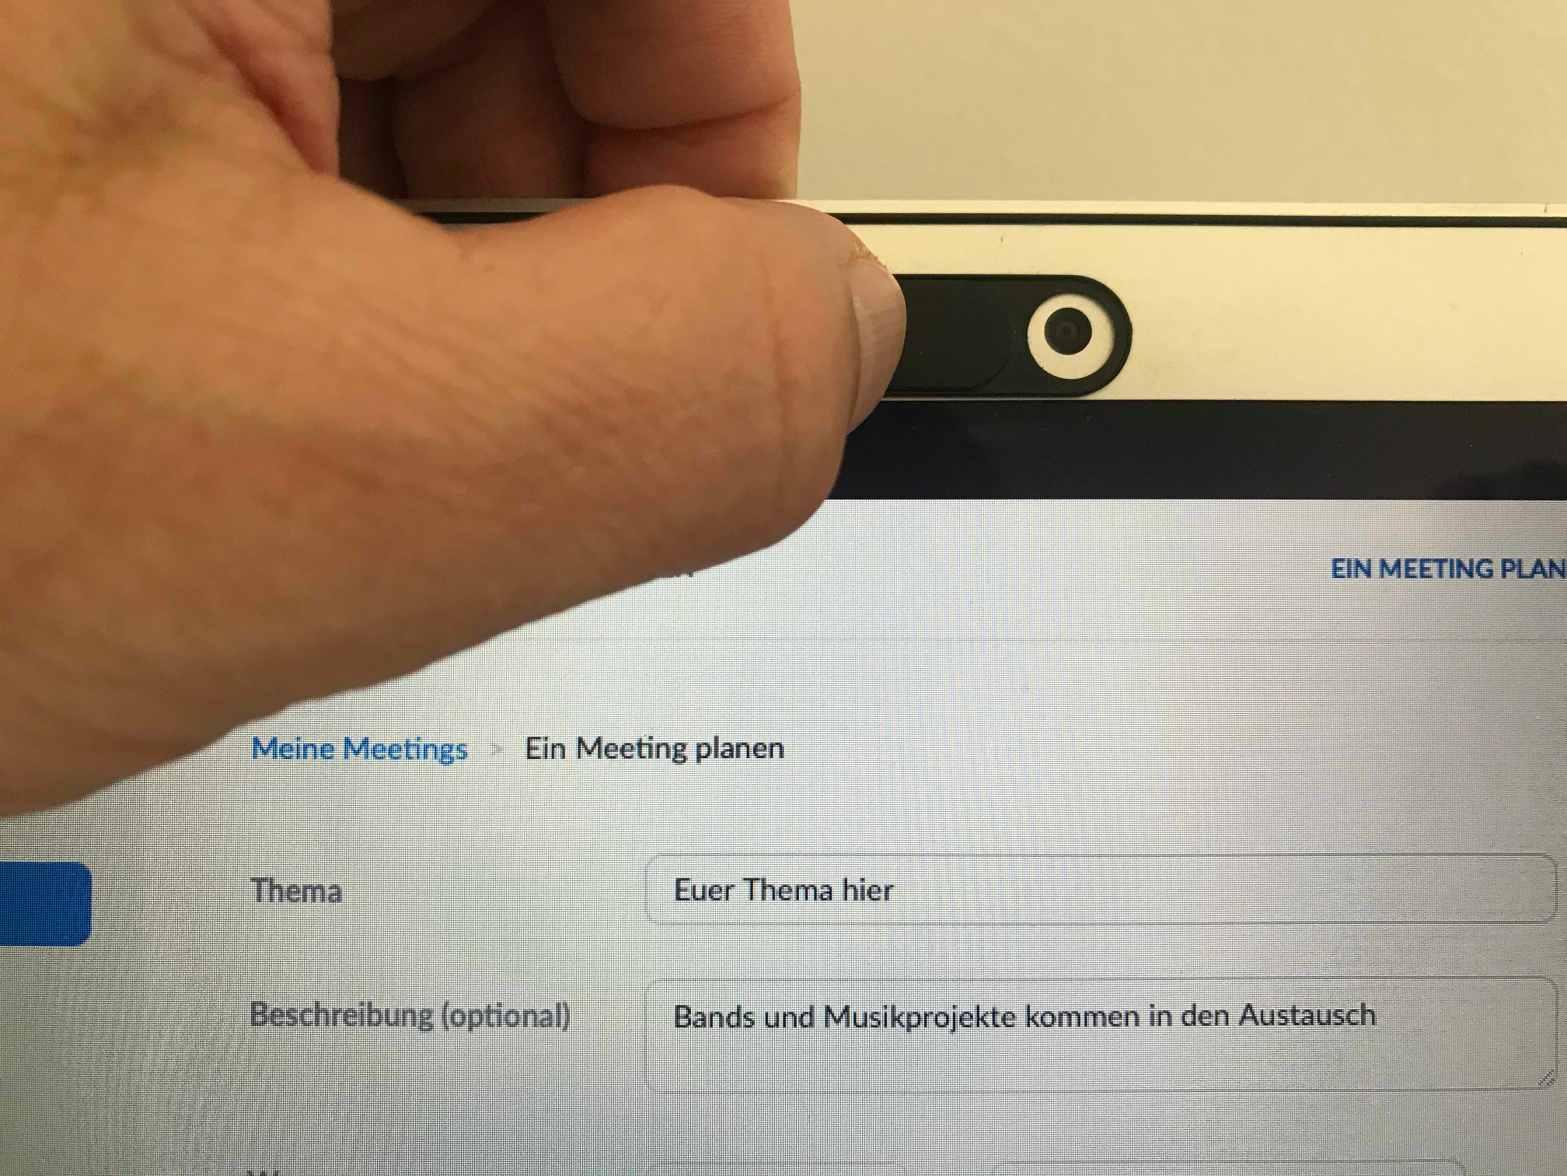 """Eine Hand öffnet eine Webcam an einem Laptop, darunter ist zu lesen: """"Ein Meeting planen"""" und """"Euer Thema hier - Bands und Musikprojekte kommen in den Austausch"""""""